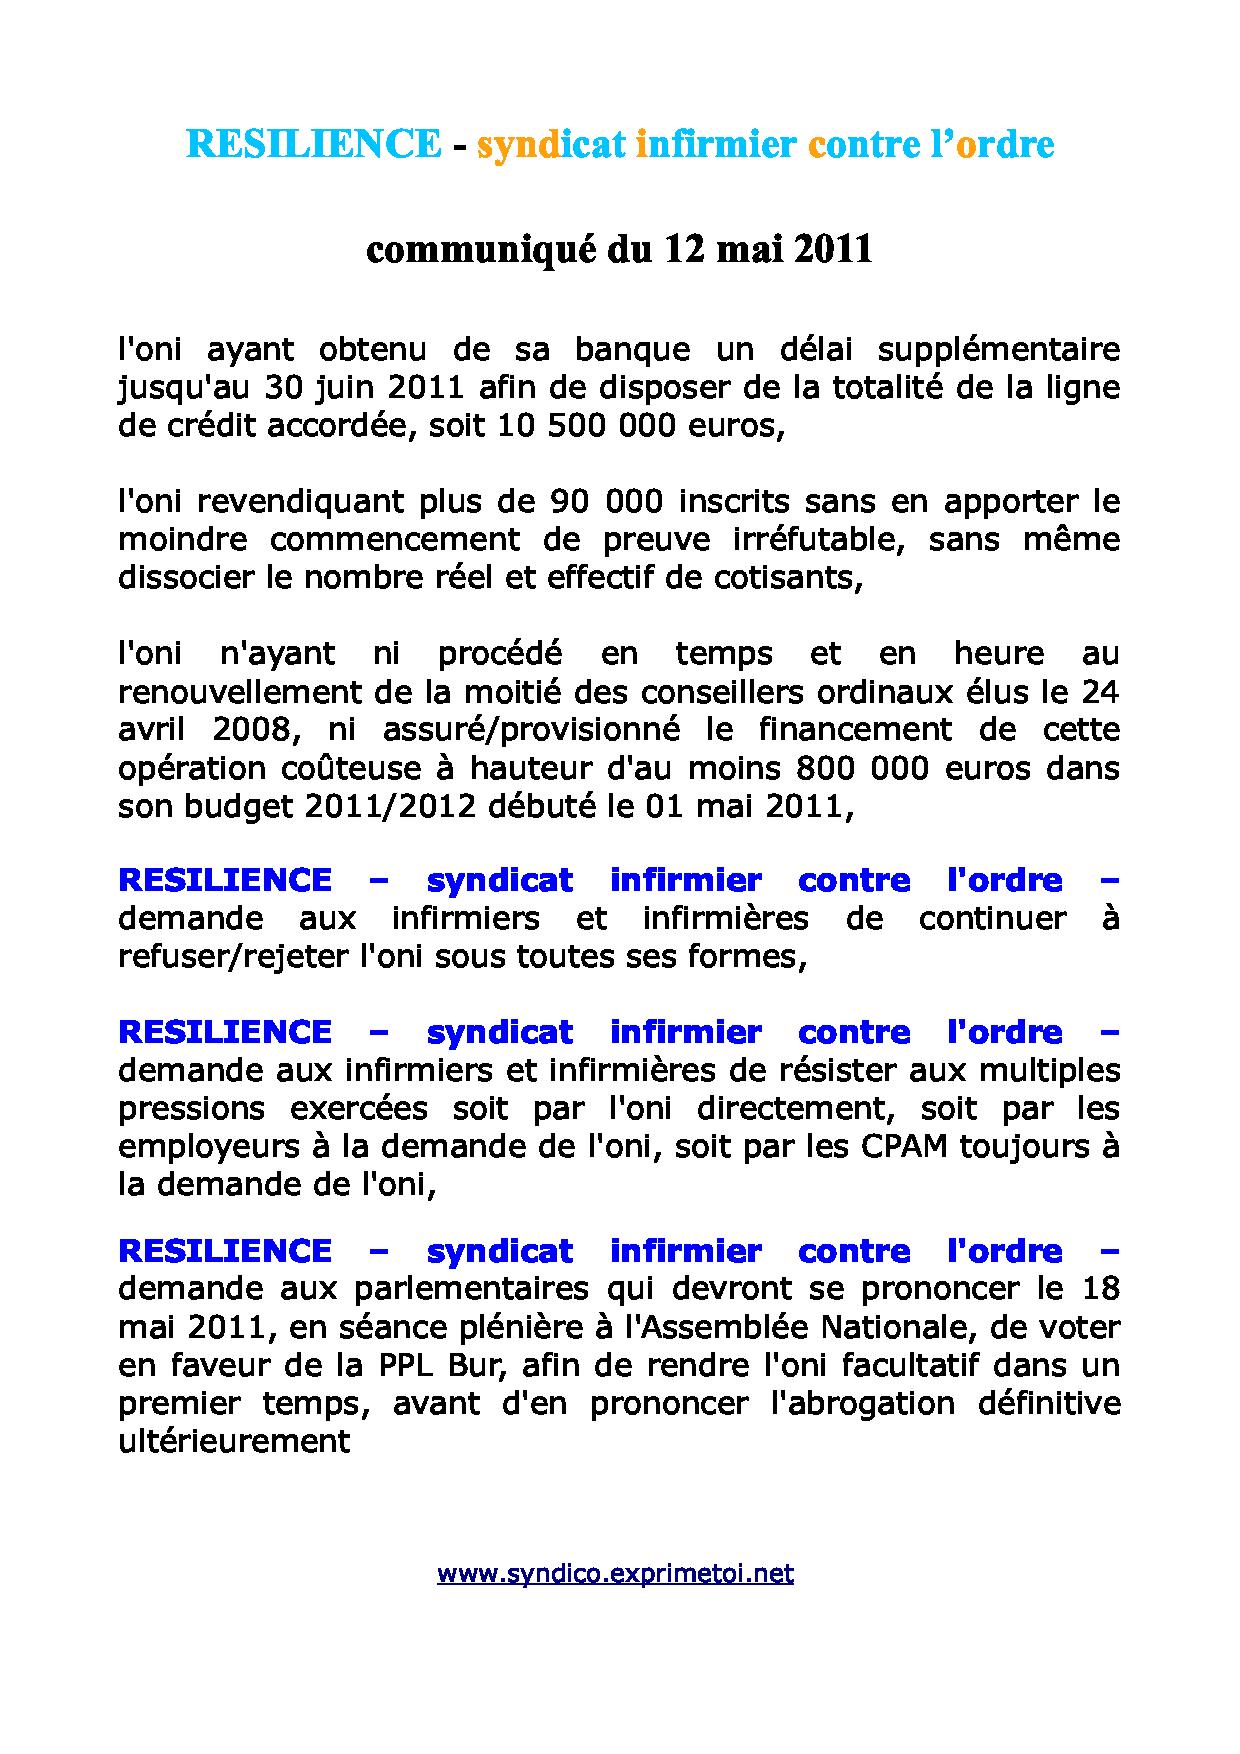 Communiqué RESILIENCE du 12 mai 2011 1105131248031139708148665